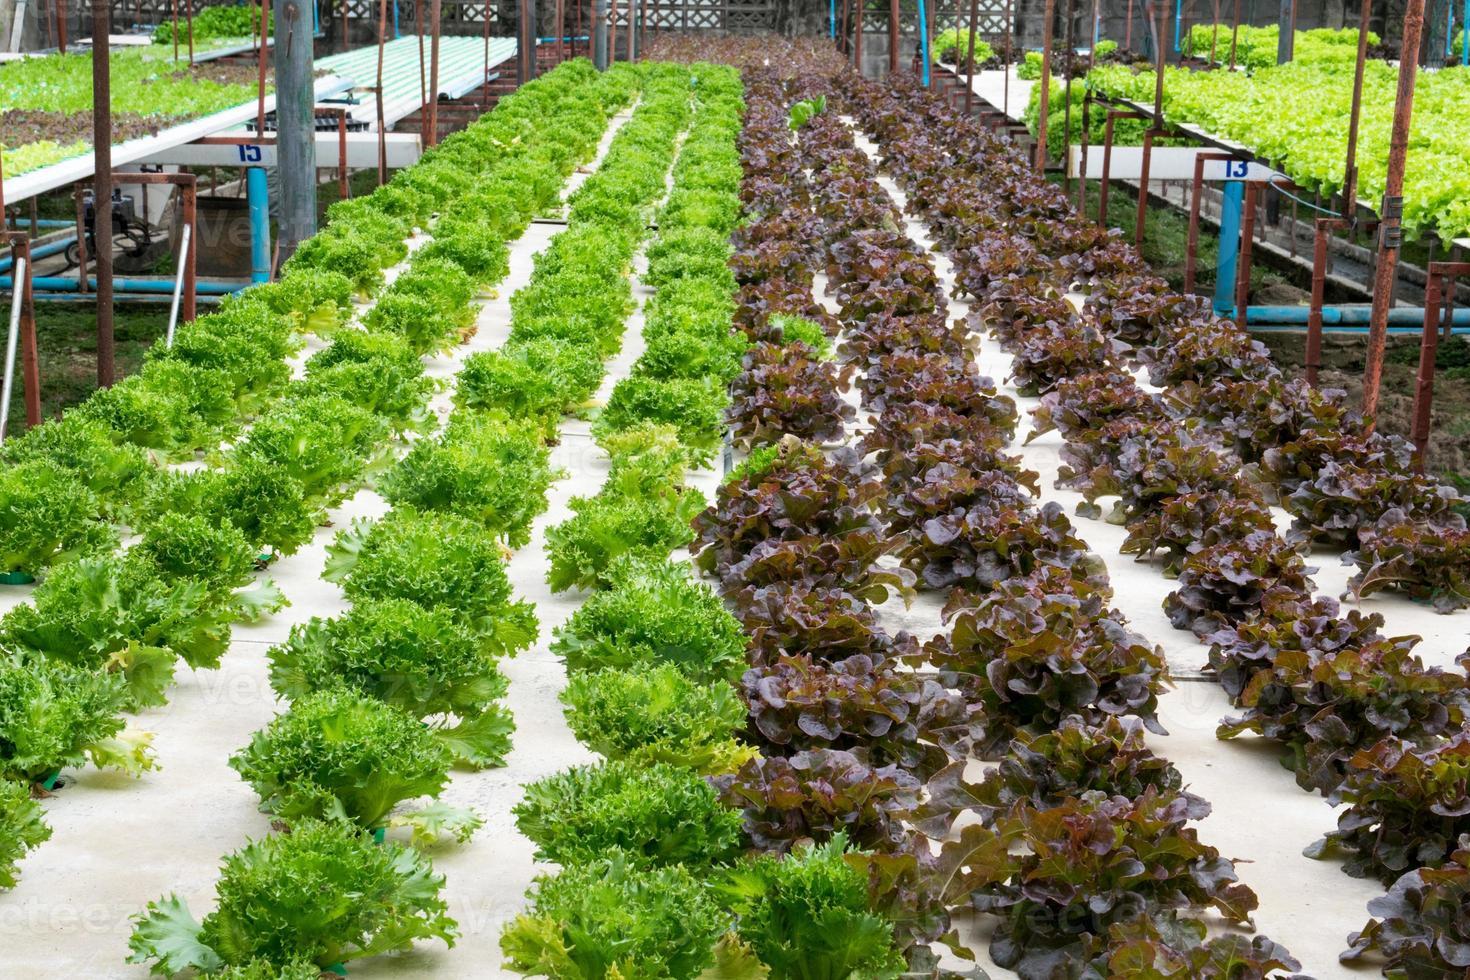 vegetais hidropônicos crescendo em estufa foto